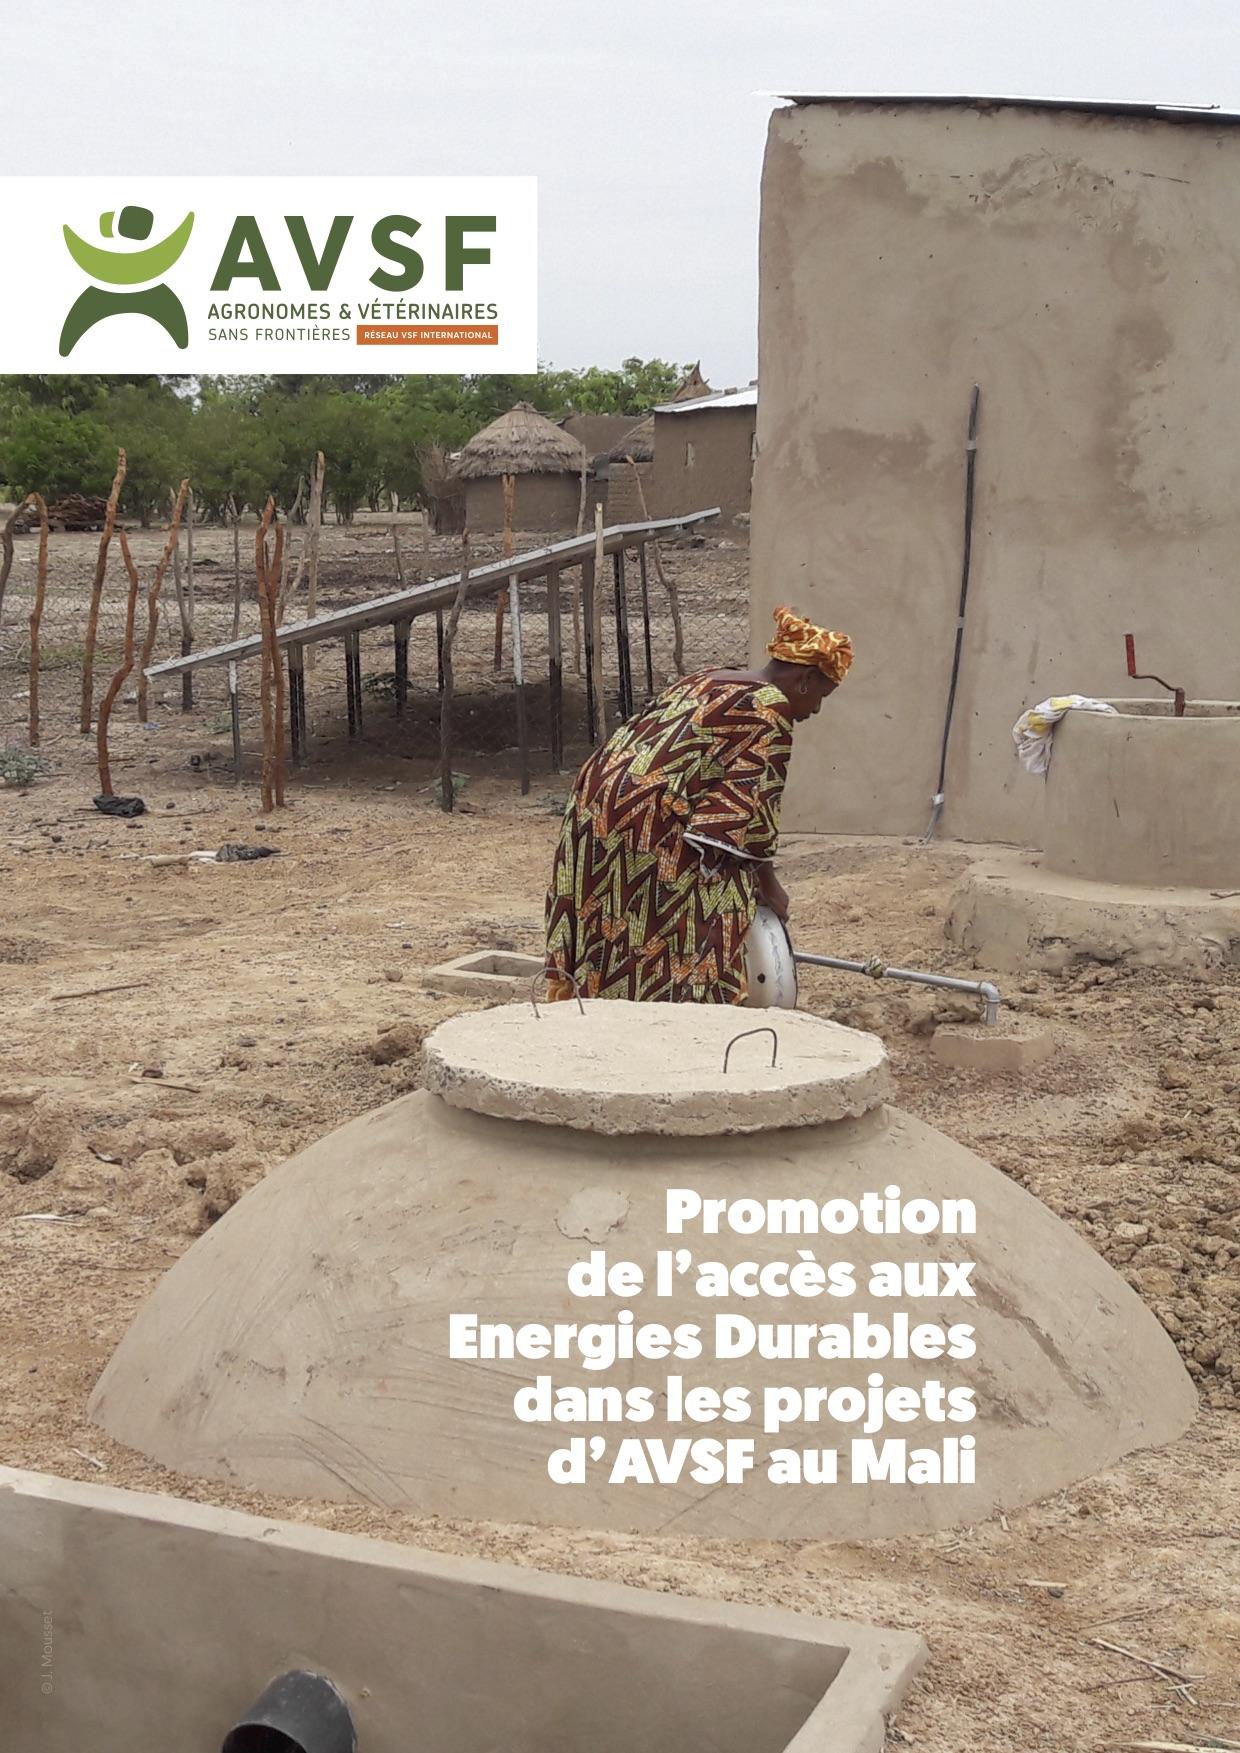 Promotion de l'accès aux Energies Durables dans les projets d'AVSF au Mali Image principale